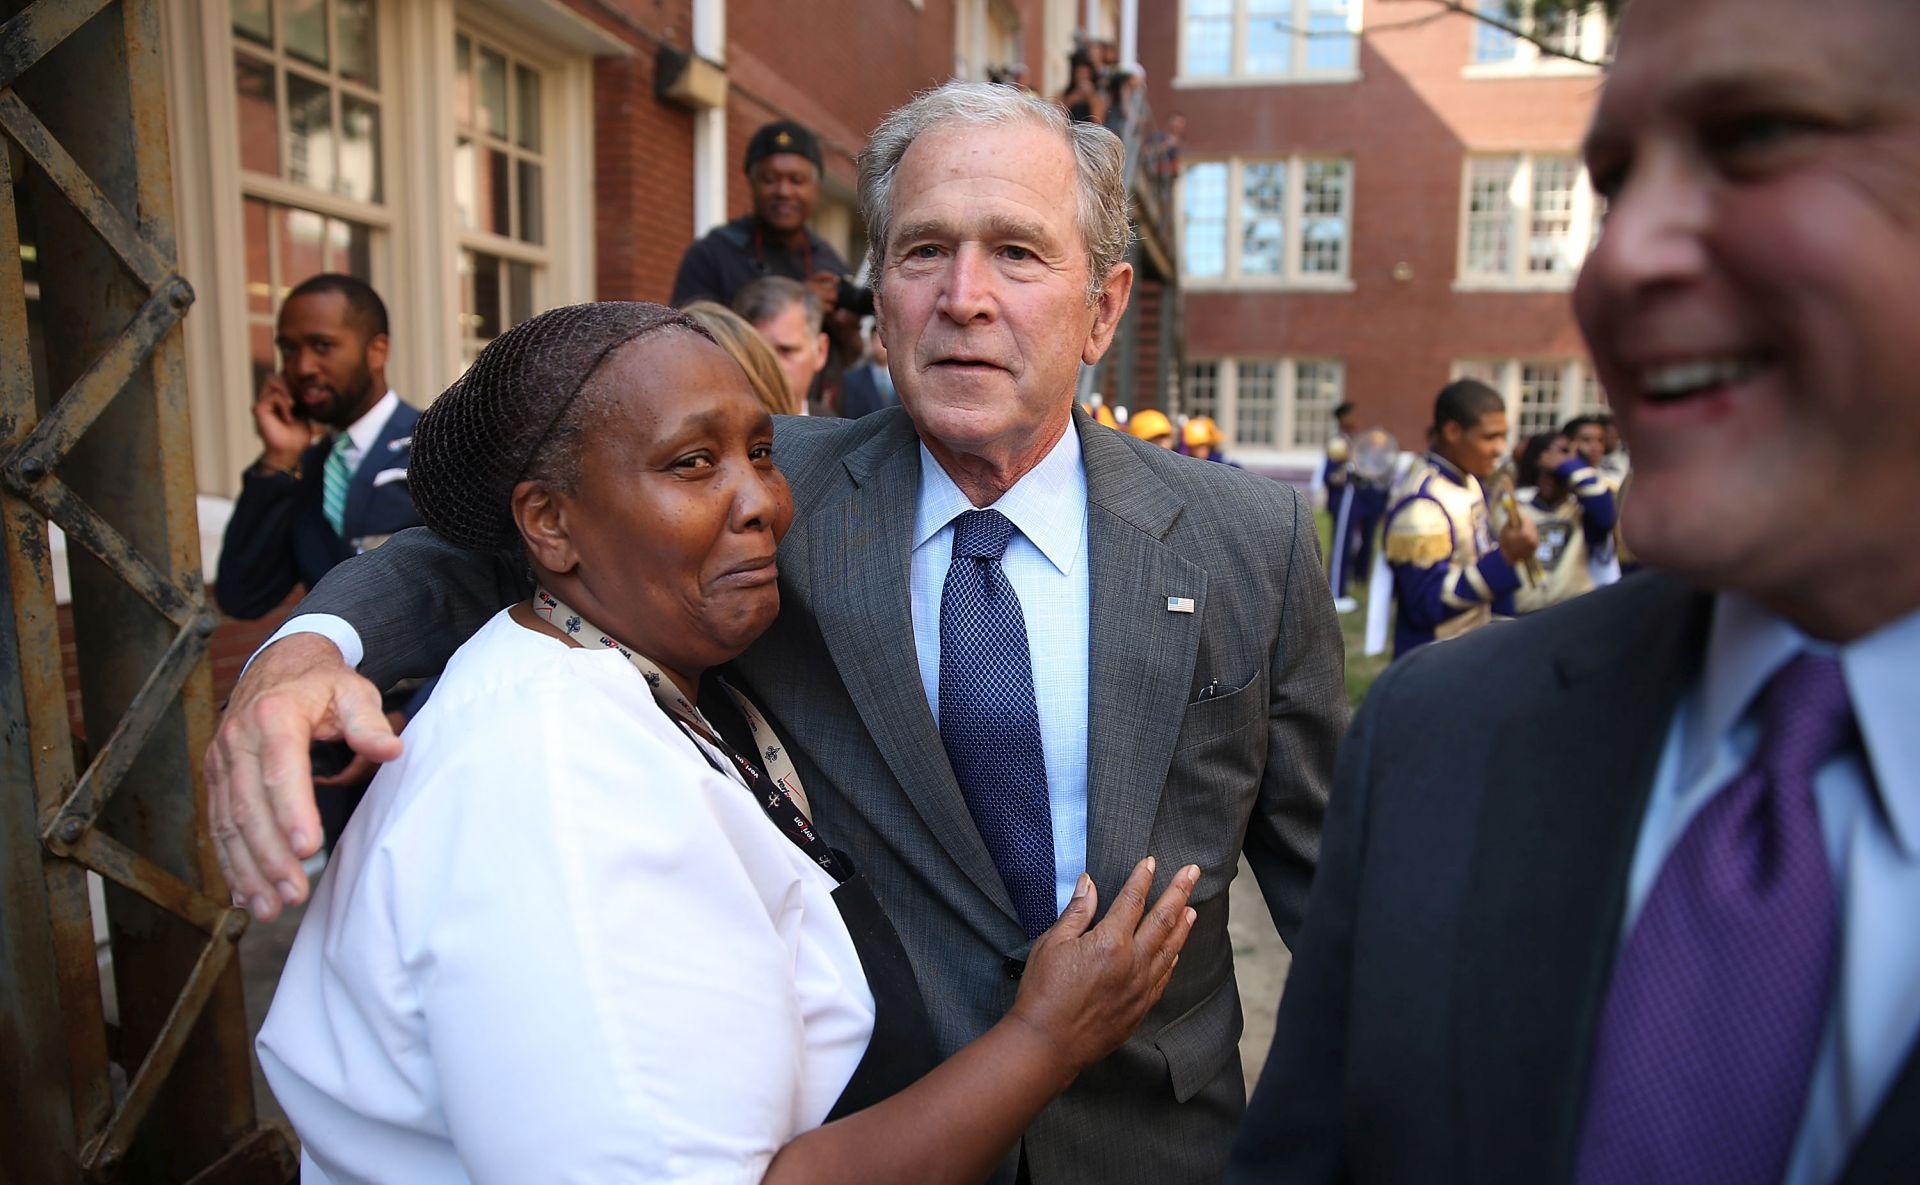 POVRATAK U POLITIKU: George W. Bush se pridružuje kampanji brata Jeba